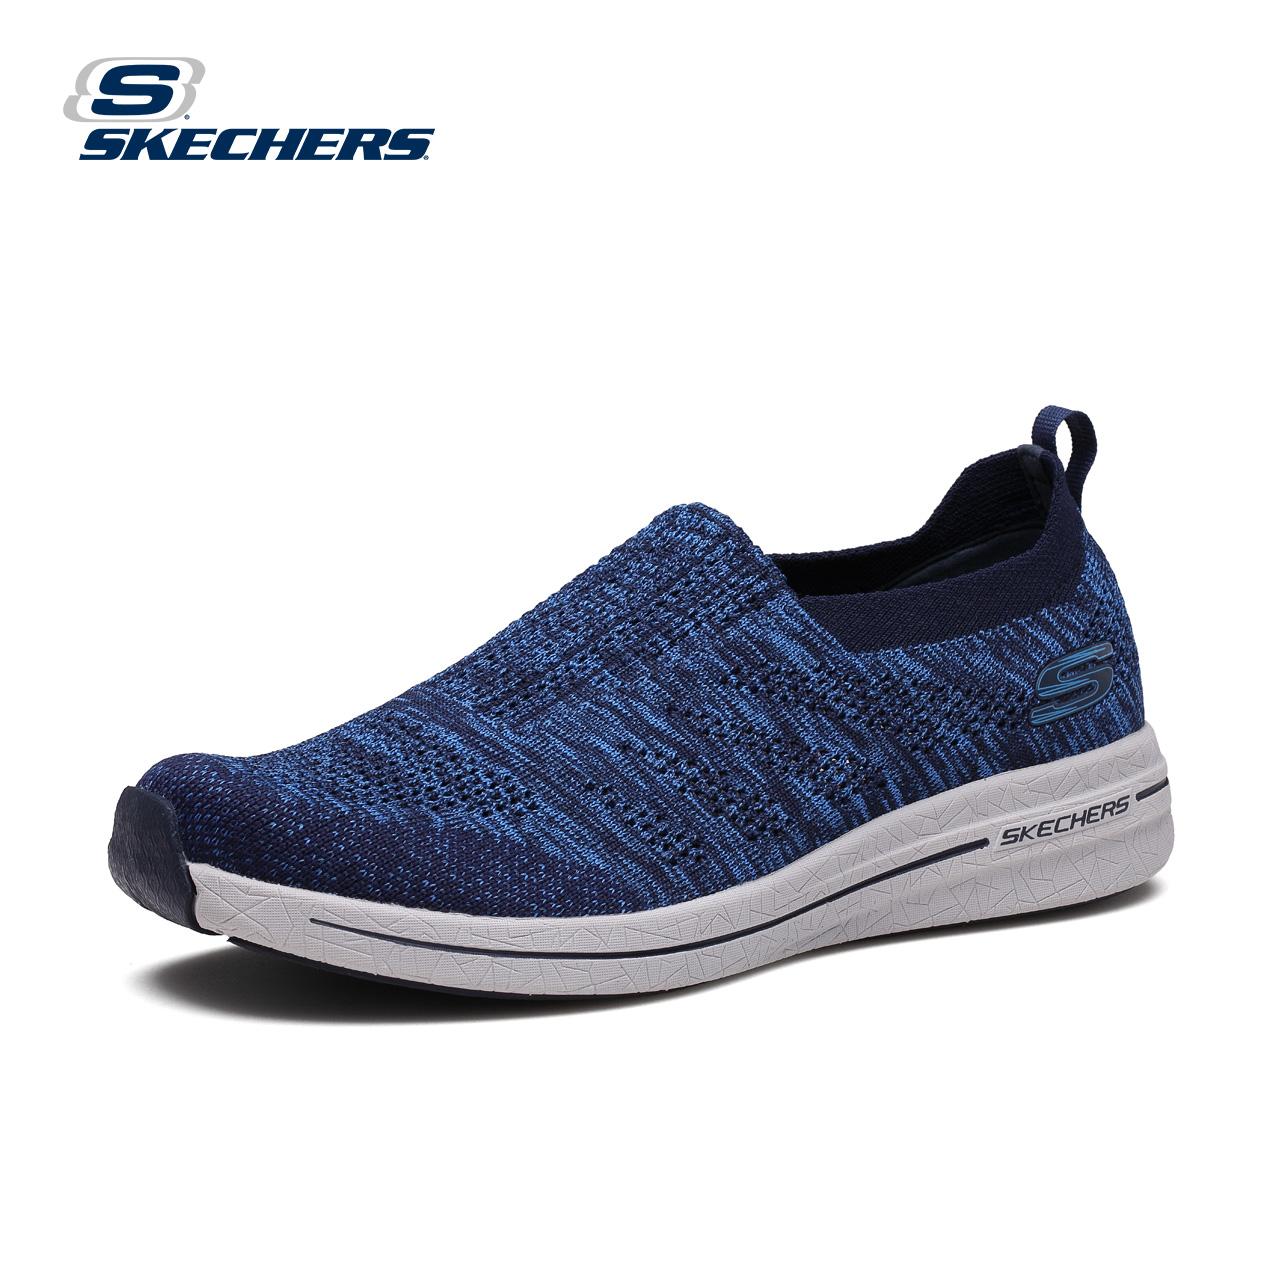 skechers斯凯奇男鞋 一?#30424;?#33298;适运动鞋 轻便透气休?#20449;?#27493;鞋52617